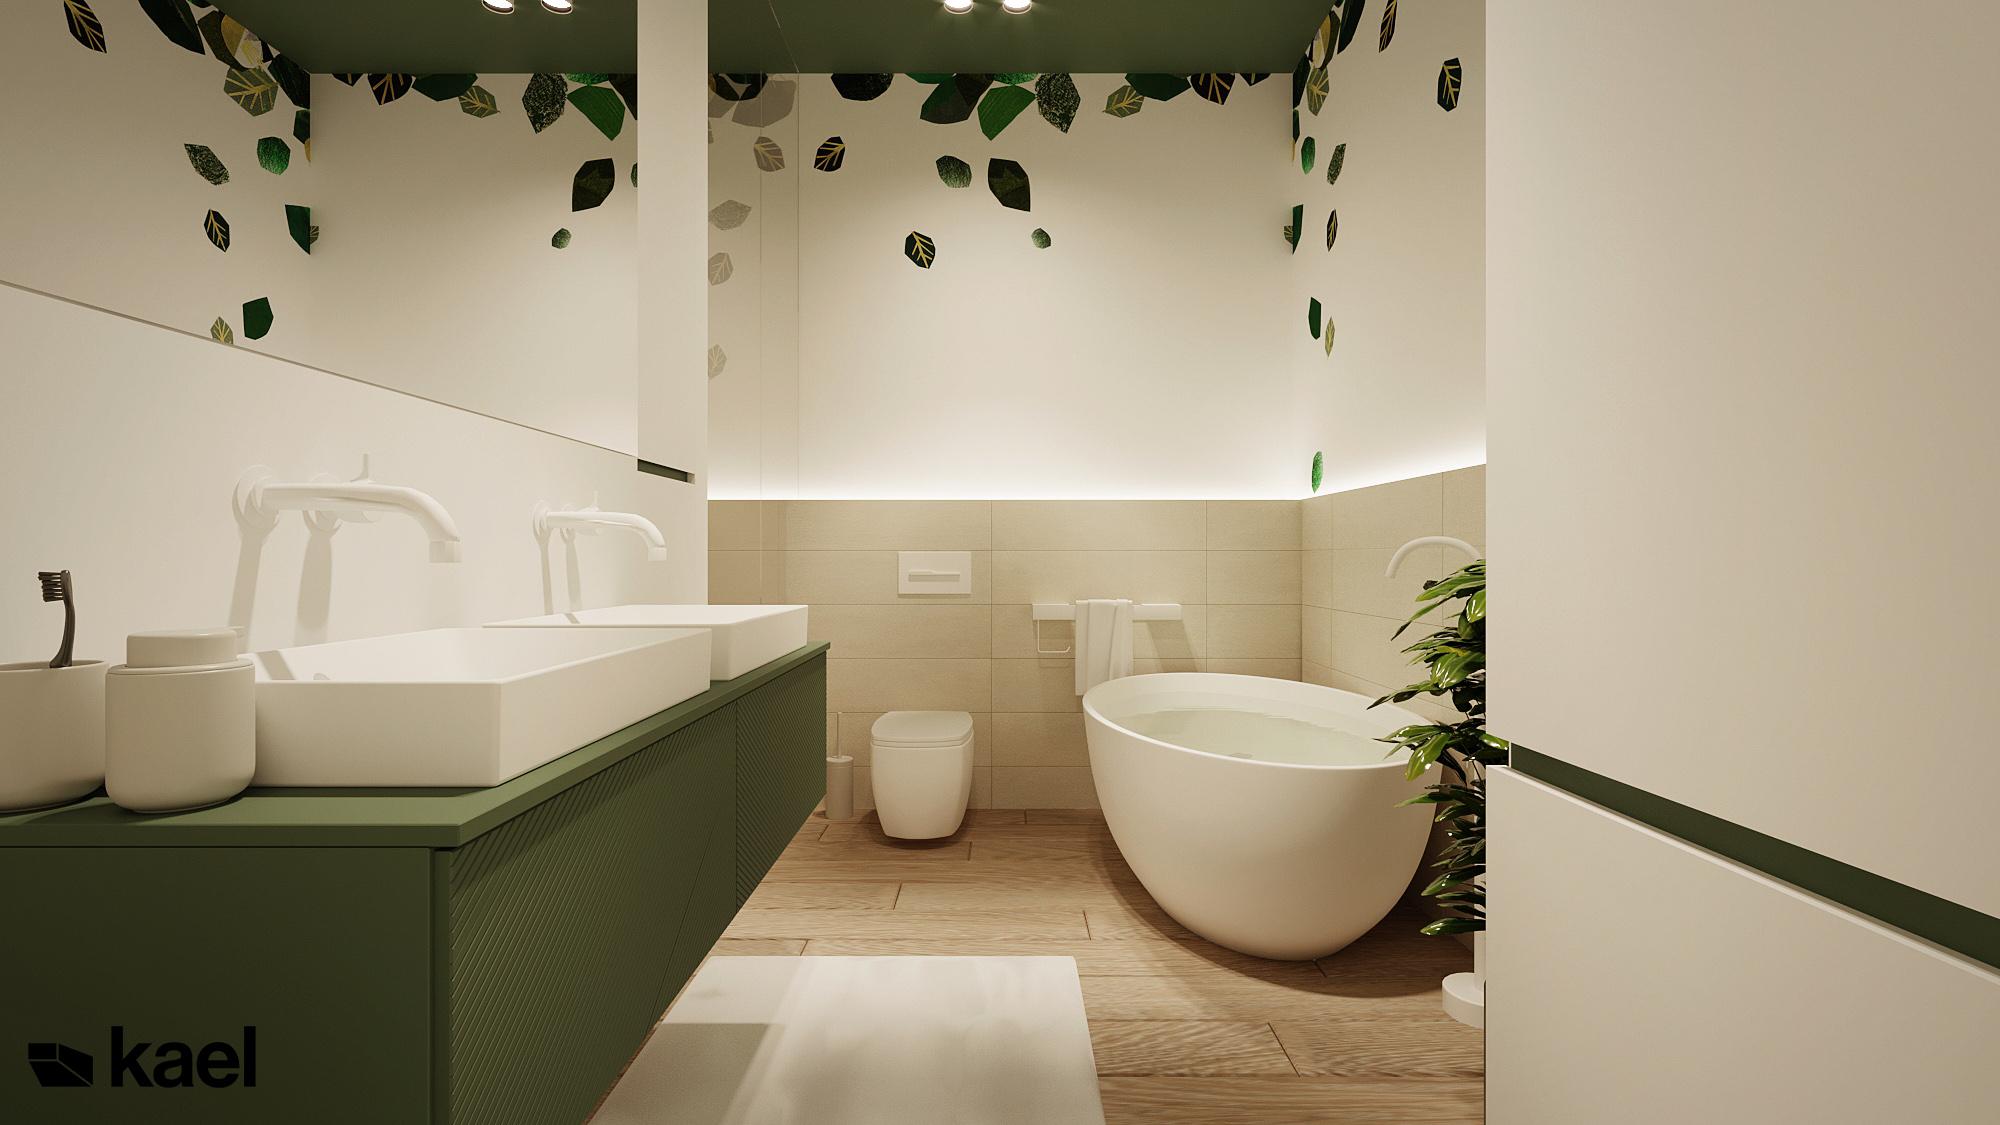 Łazienka z wanną - Czumy II - projekt wnętrza domu w zabudowie szeregowej - Kael